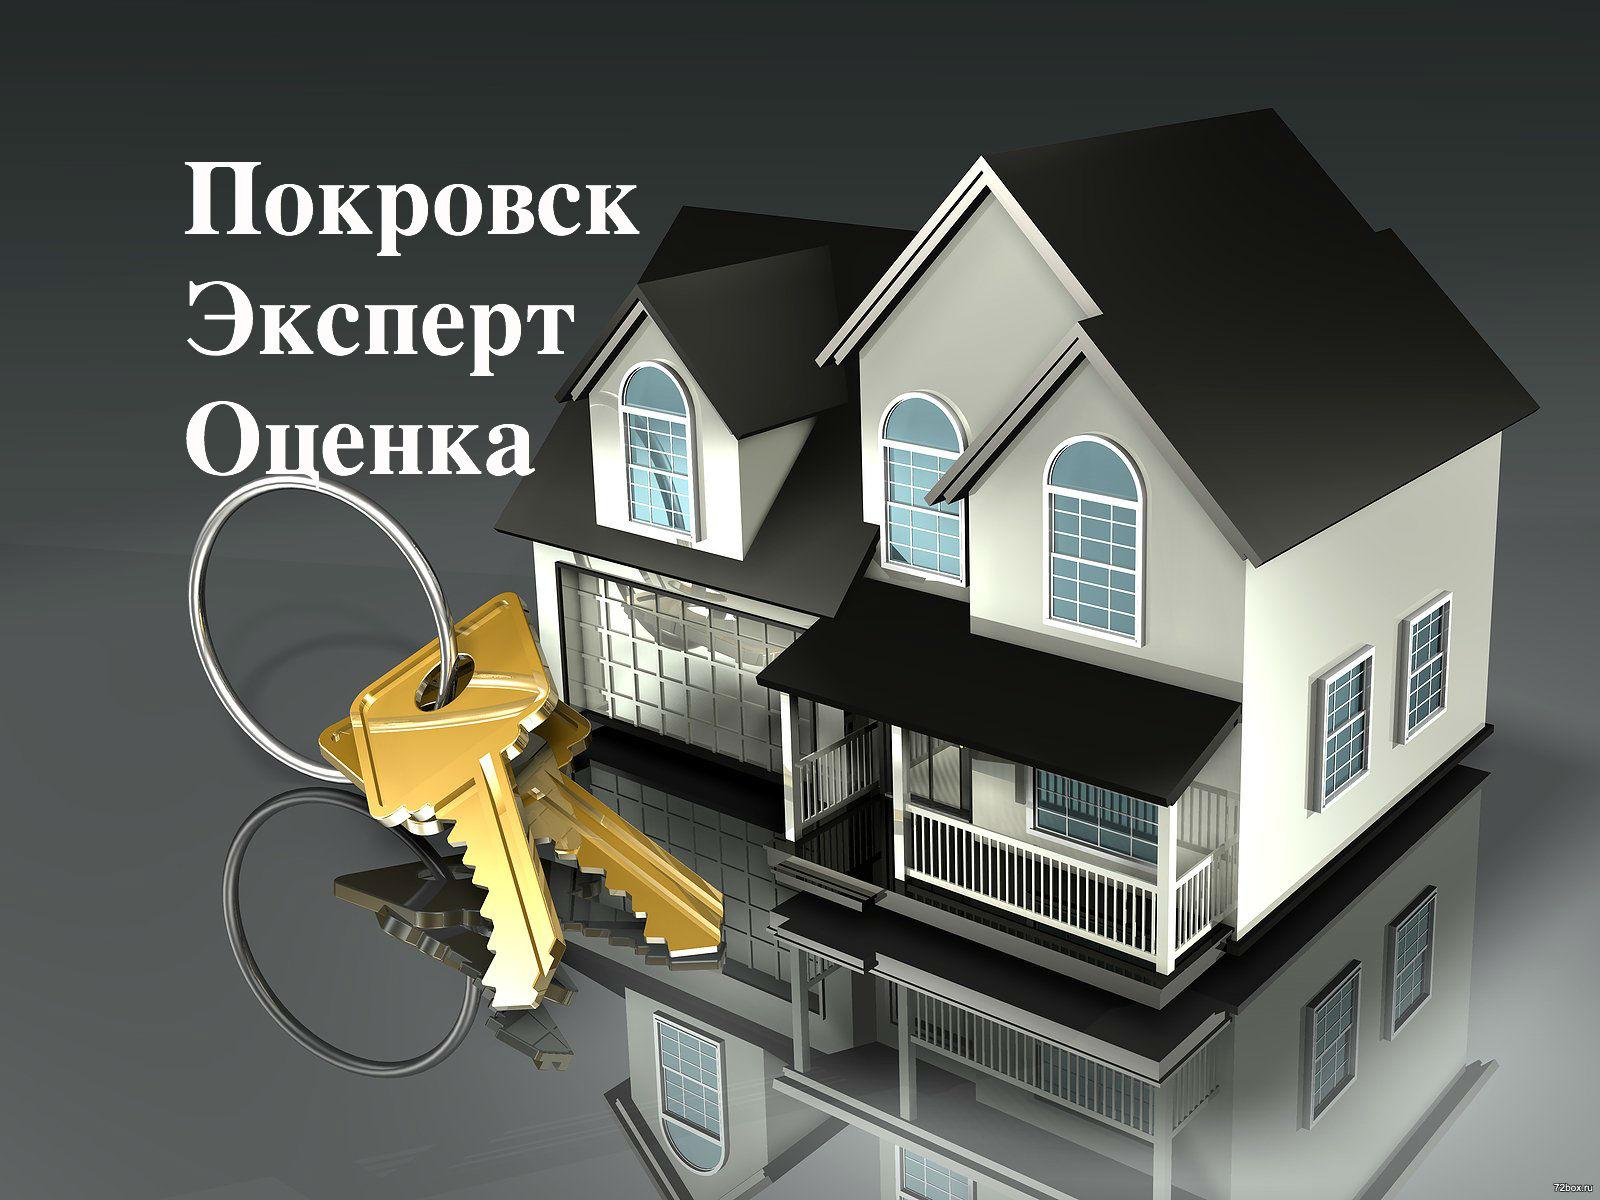 Взять кредит под залог недвижимости в энгельсе карта моментум как получить кредит